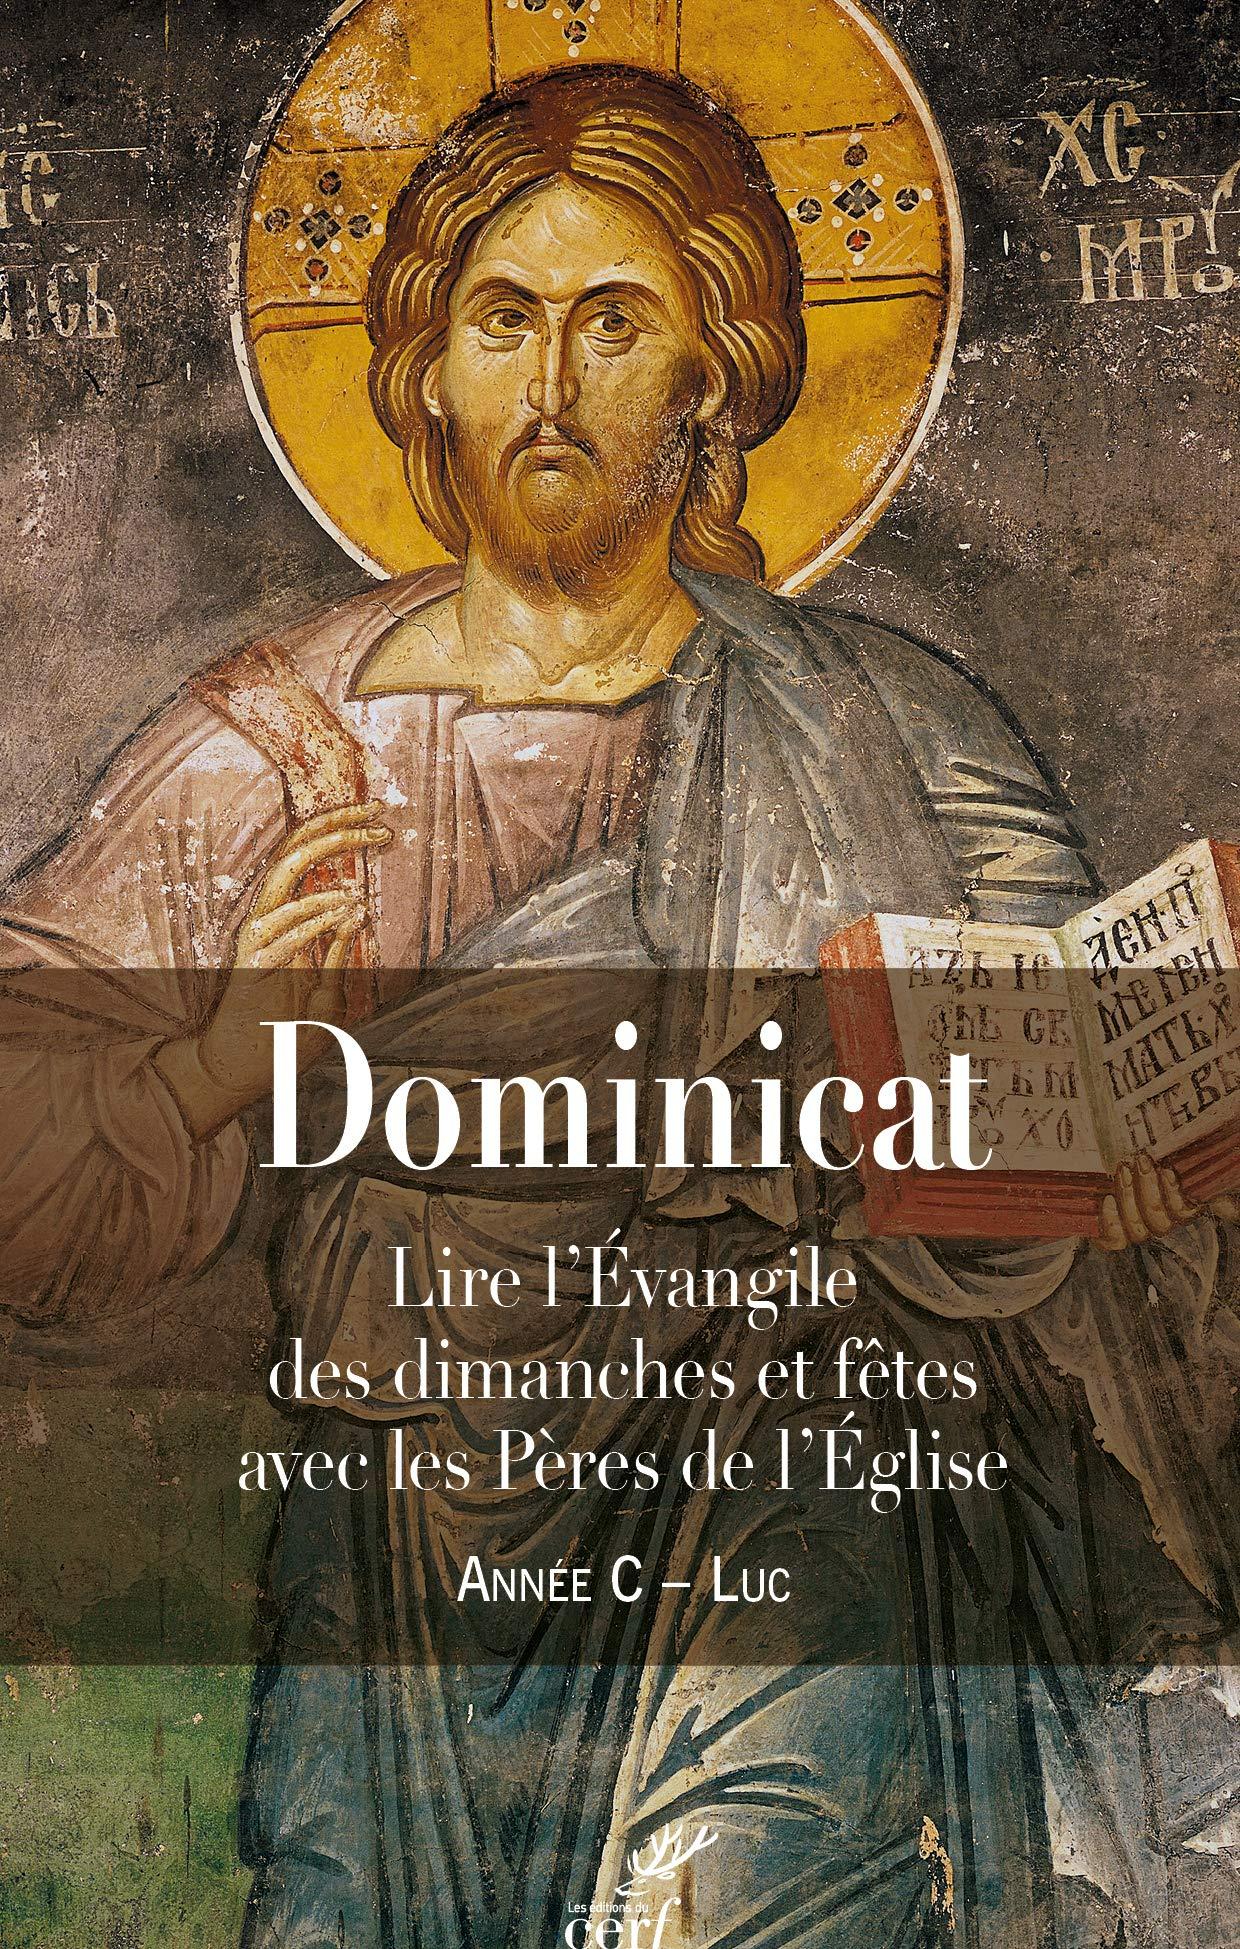 Dominicat Année C - Luc : Lire l'évangile des dimanches et fêtes avec les Pères de l'Eglise Poche – 24 août 2018 Guillaume Bady Cerf 2204129429 Celebration